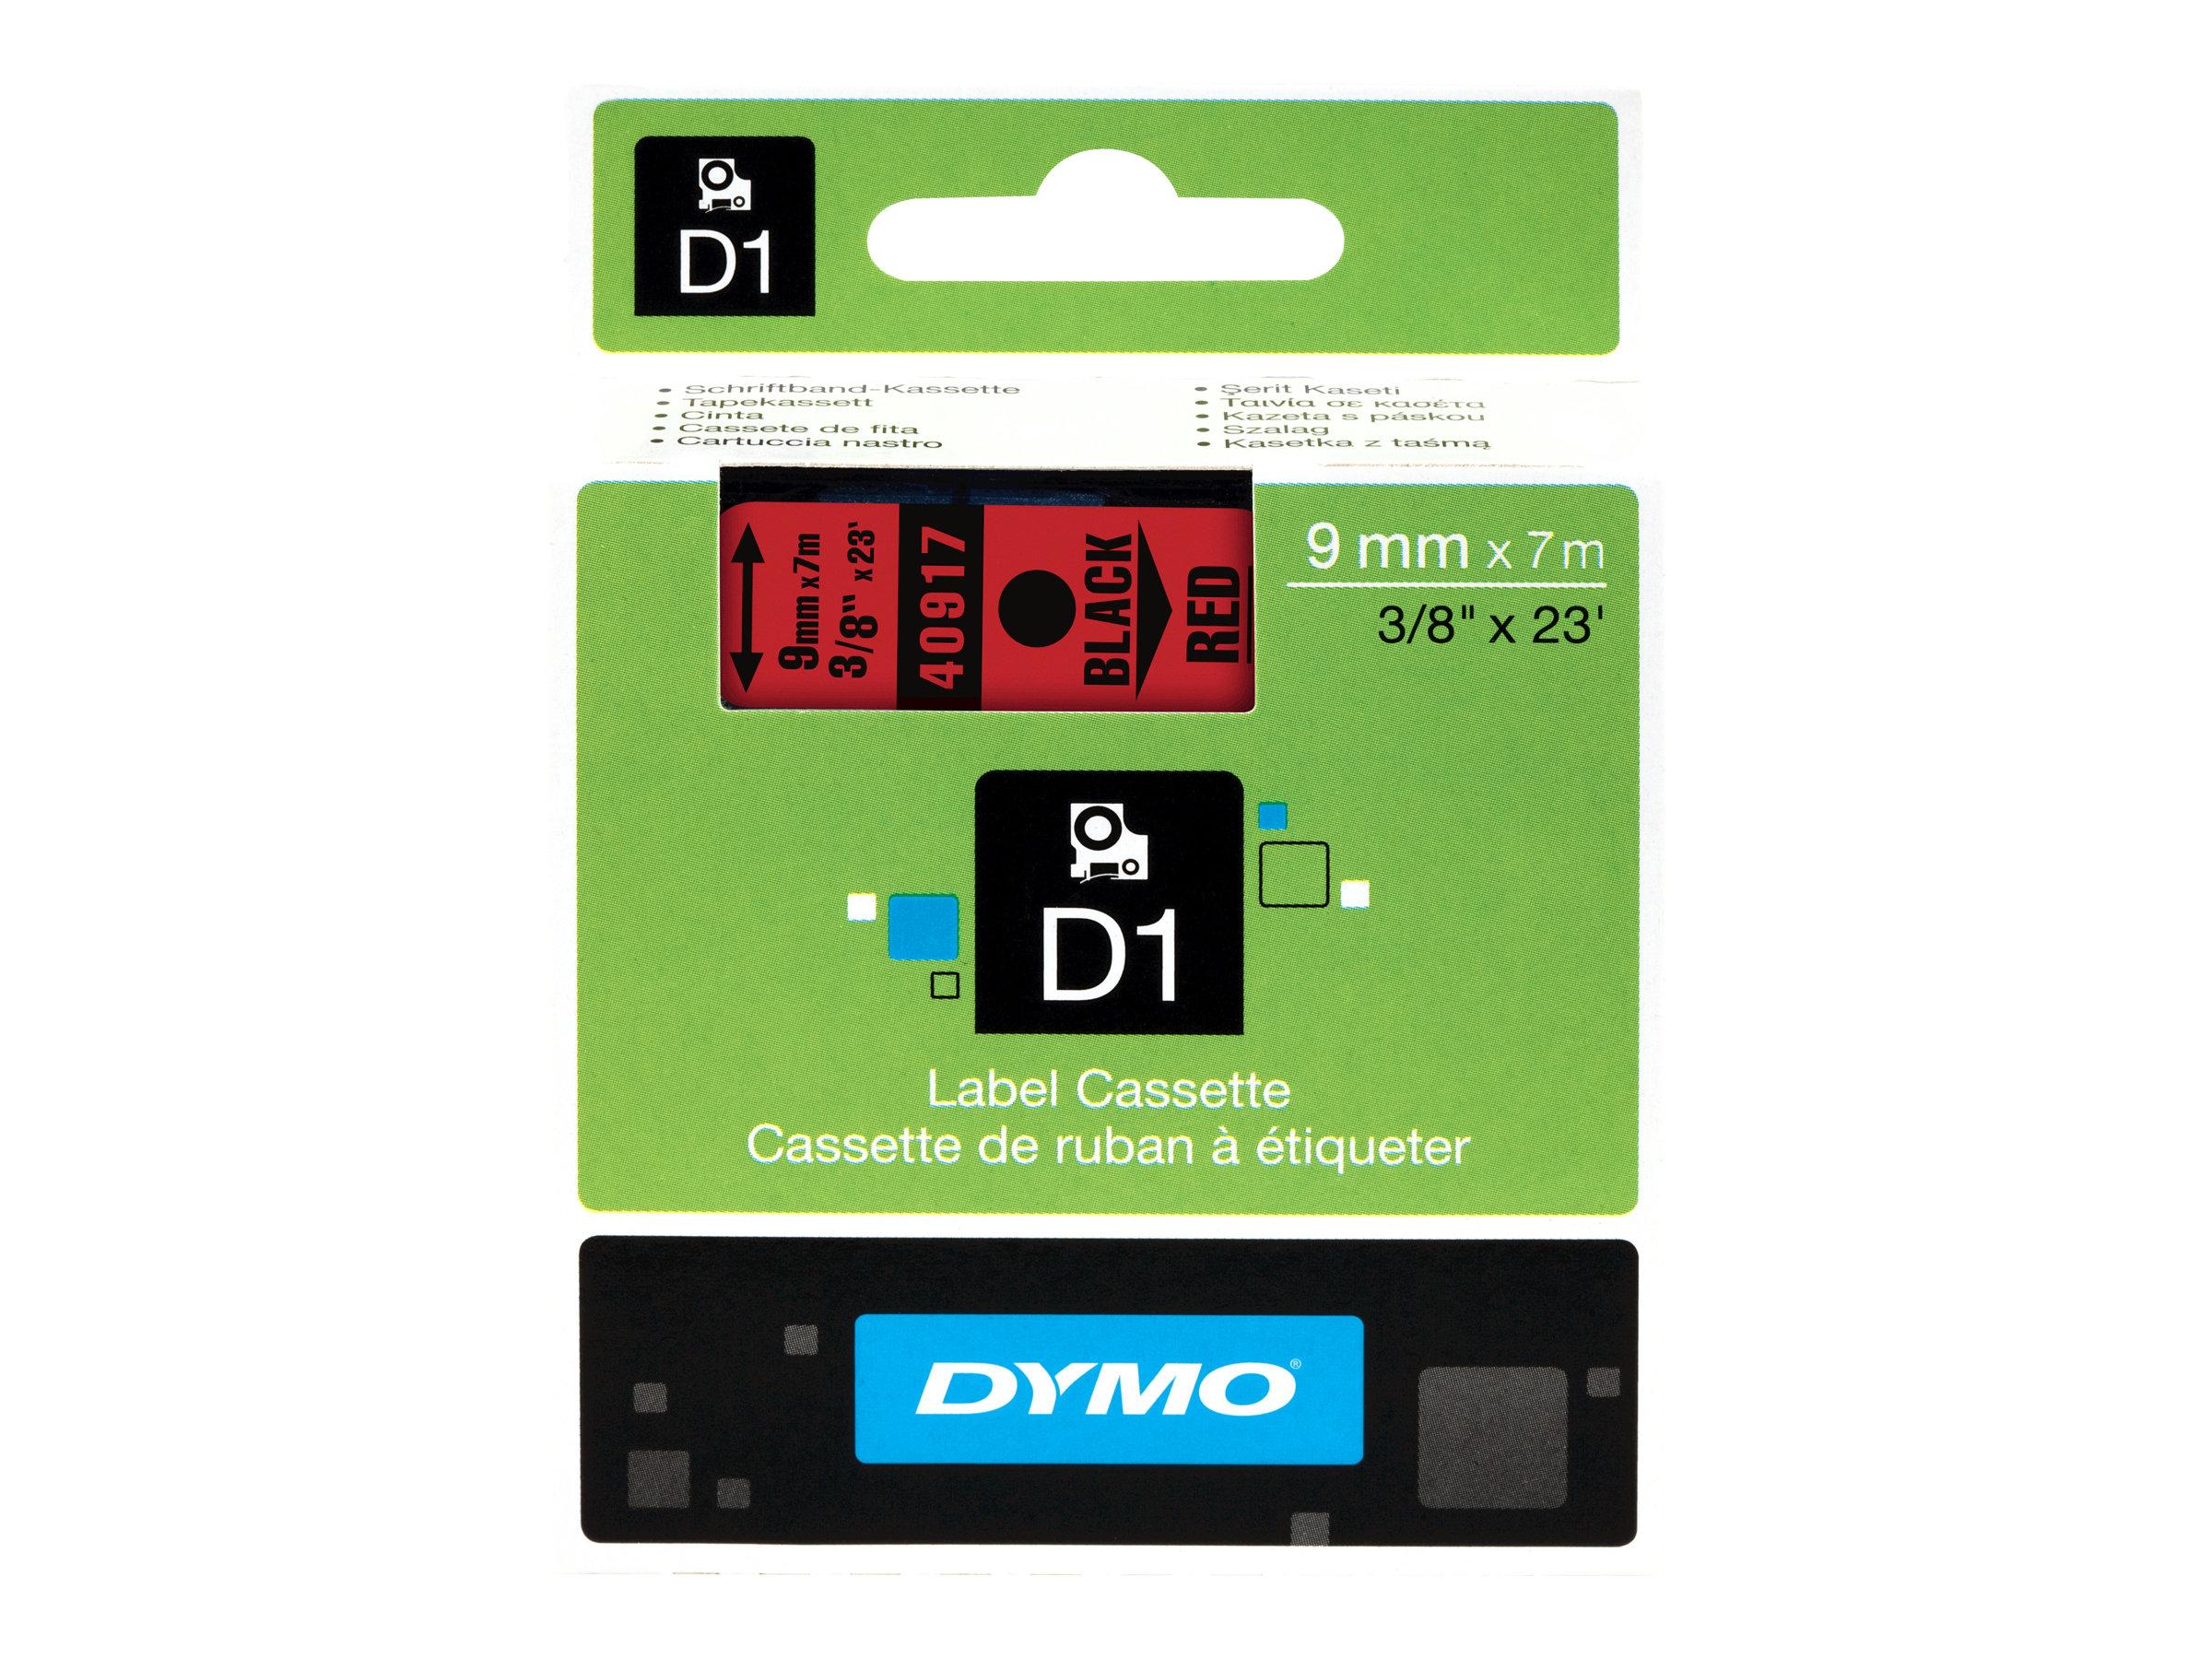 DYMO D1 - Glänzend - schwarz auf rot - Rolle (0,9 cm x 7 m) 1 Rolle(n) Band - für LabelMANAGER